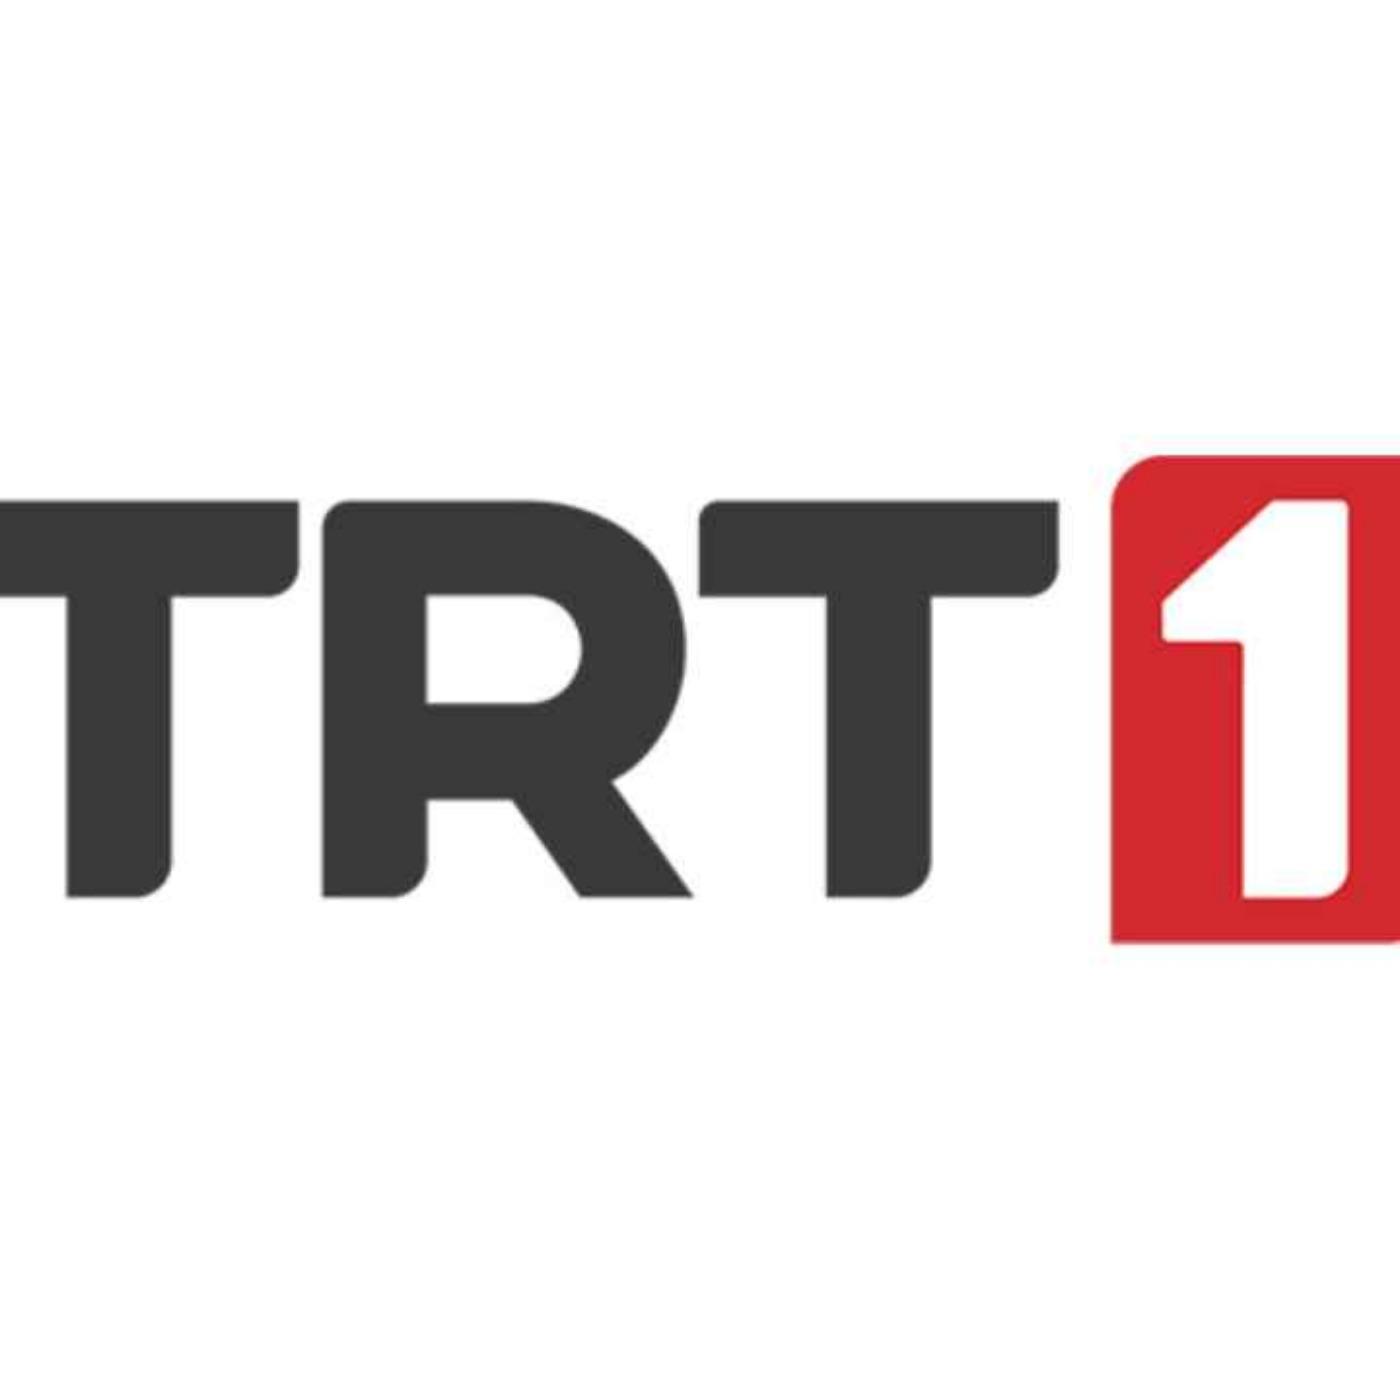 TRT 1 Yayın Akışı - TRT 1 'de Bugün Neler Var